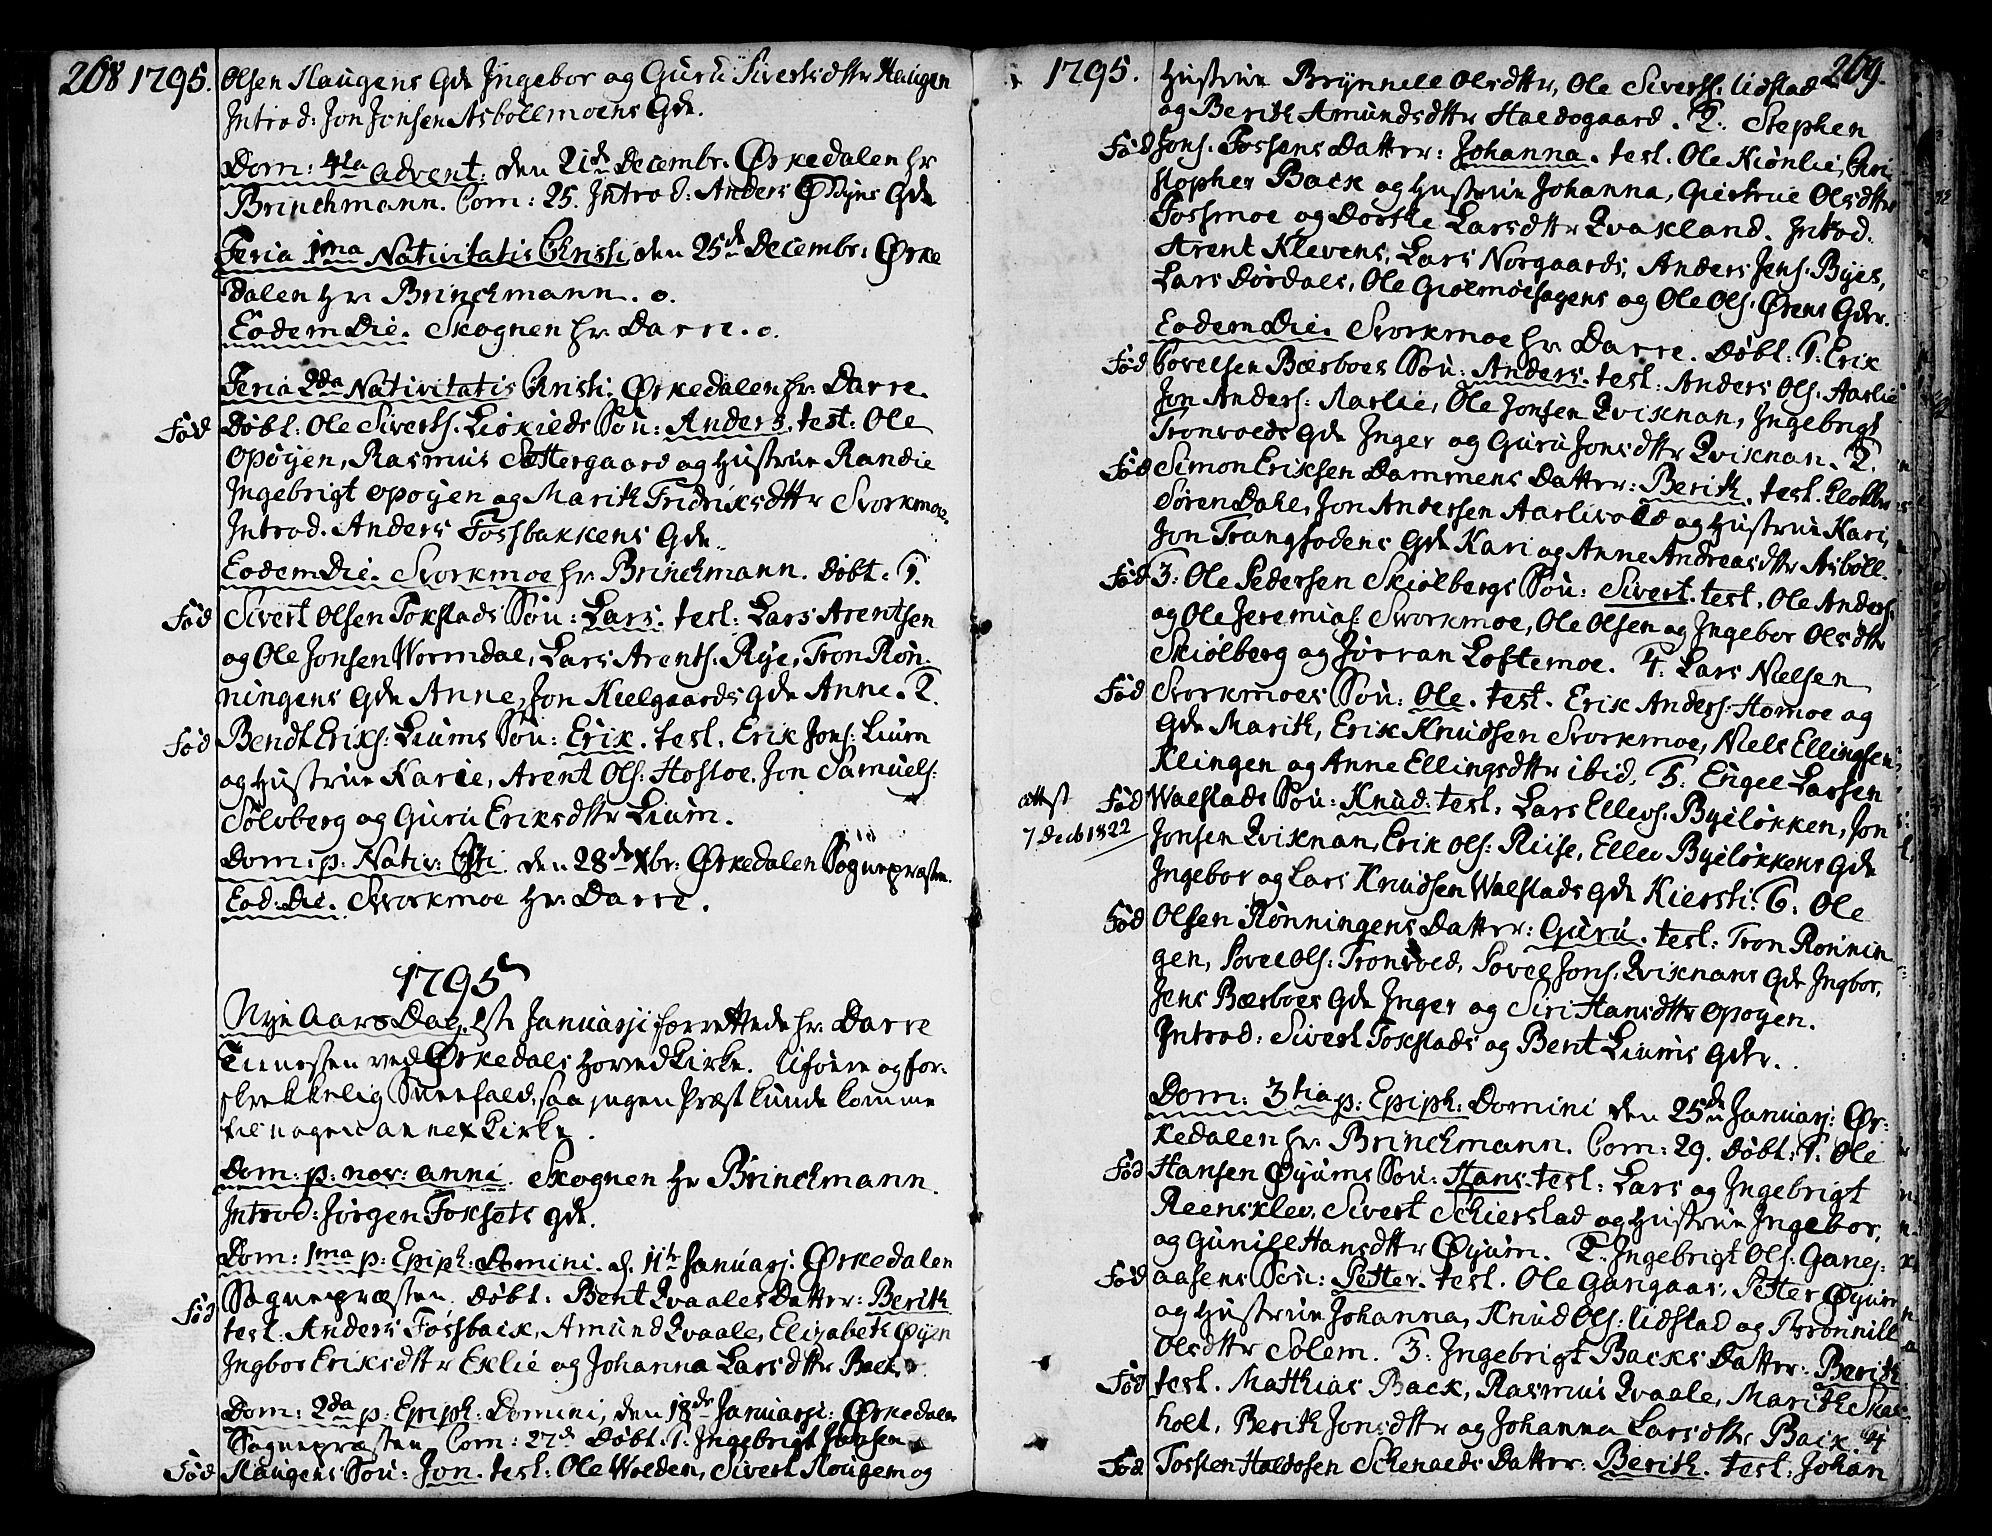 SAT, Ministerialprotokoller, klokkerbøker og fødselsregistre - Sør-Trøndelag, 668/L0802: Ministerialbok nr. 668A02, 1776-1799, s. 268-269